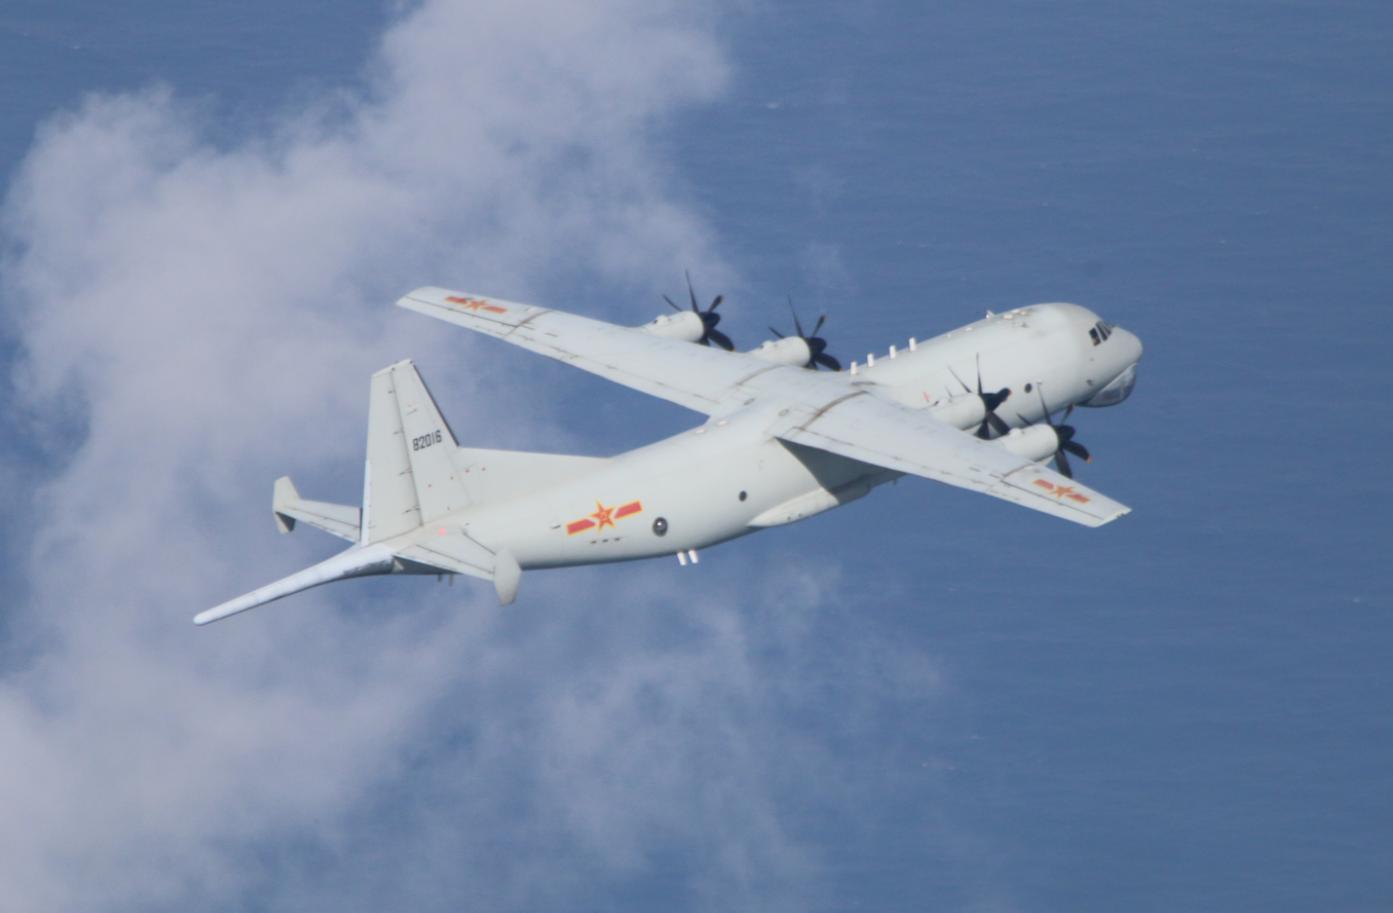 台军:解放军今天5架军机进入台湾西南空域图片